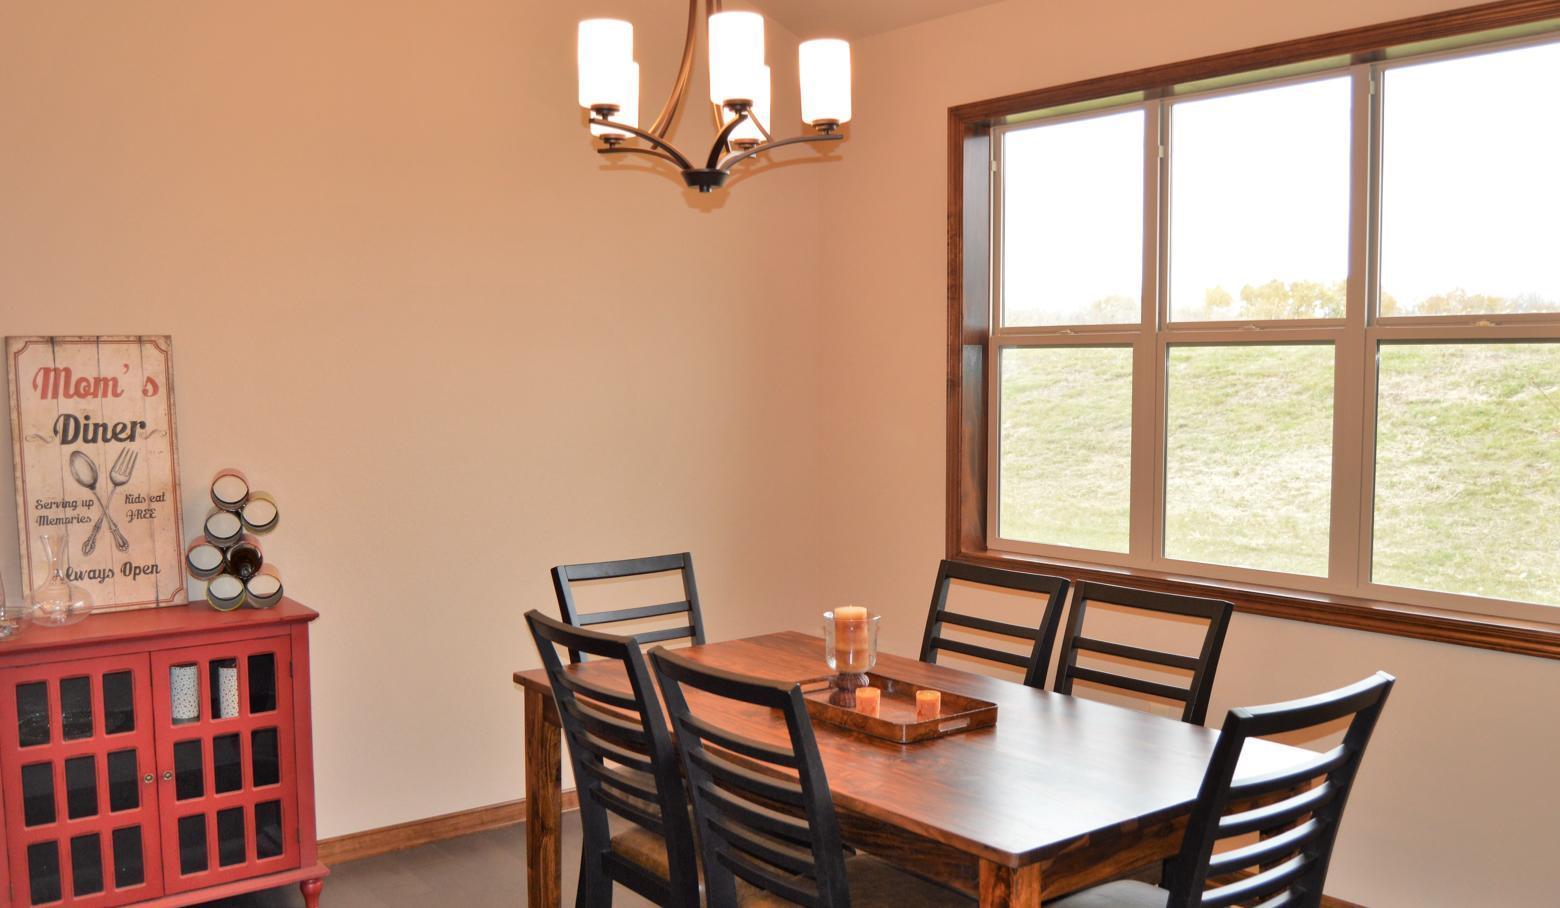 3402 Walnut Trl, Waukesha, Wisconsin 53188, 2 Bedrooms Bedrooms, 7 Rooms Rooms,2 BathroomsBathrooms,Condominiums,For Sale,Walnut Trl,1,1618471